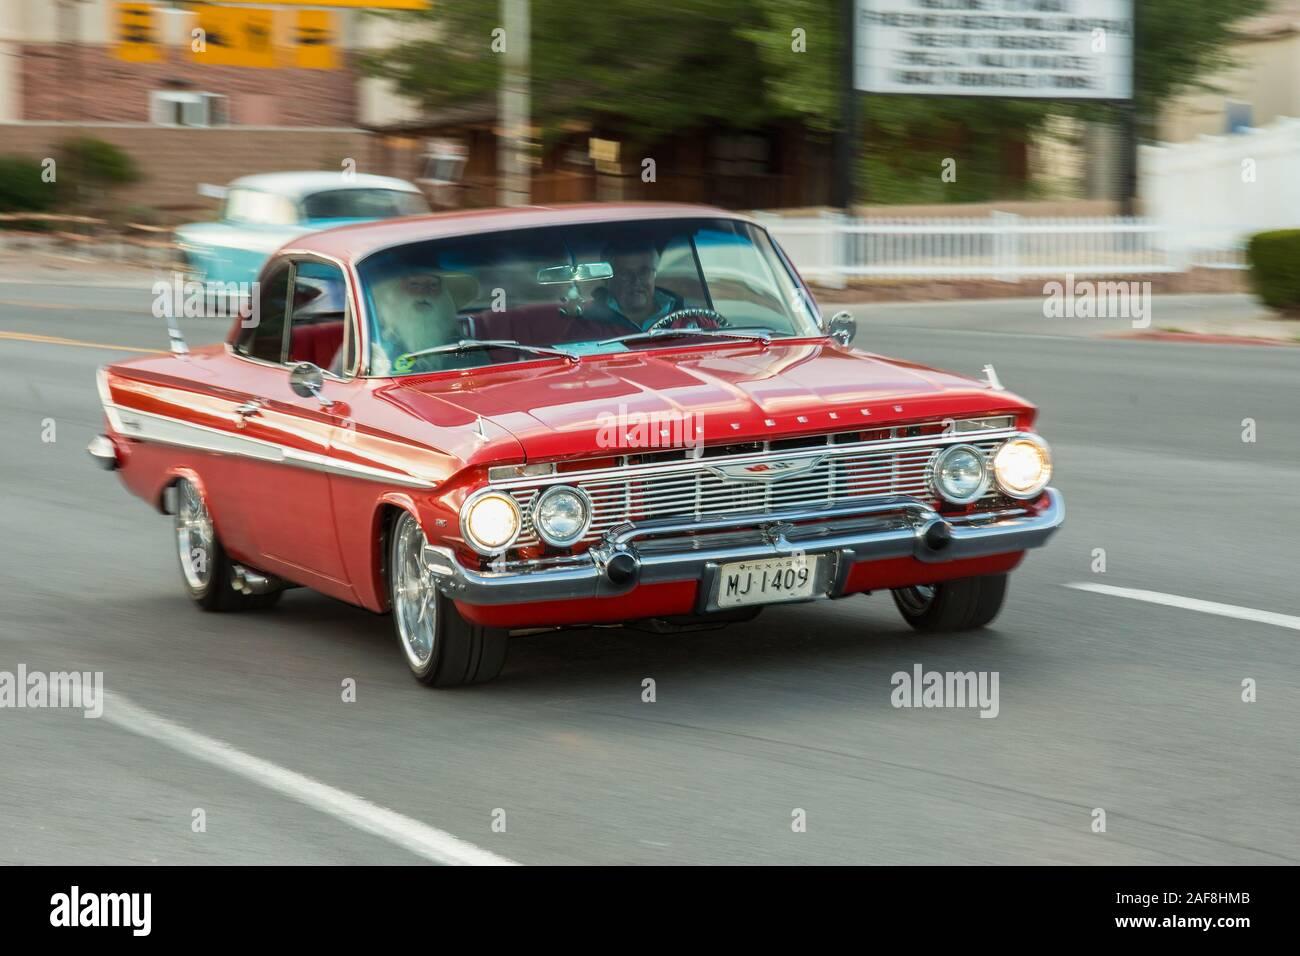 Ein 1961 Chevrolet Impala Ss Super Sport Mit Einem Modifizierten 502 Kriminalpolizei Motor Kreuzfahrt In Der Moabiter April Aktion Auto Show In Moab Utah Wiederhergestellt Stockfotografie Alamy